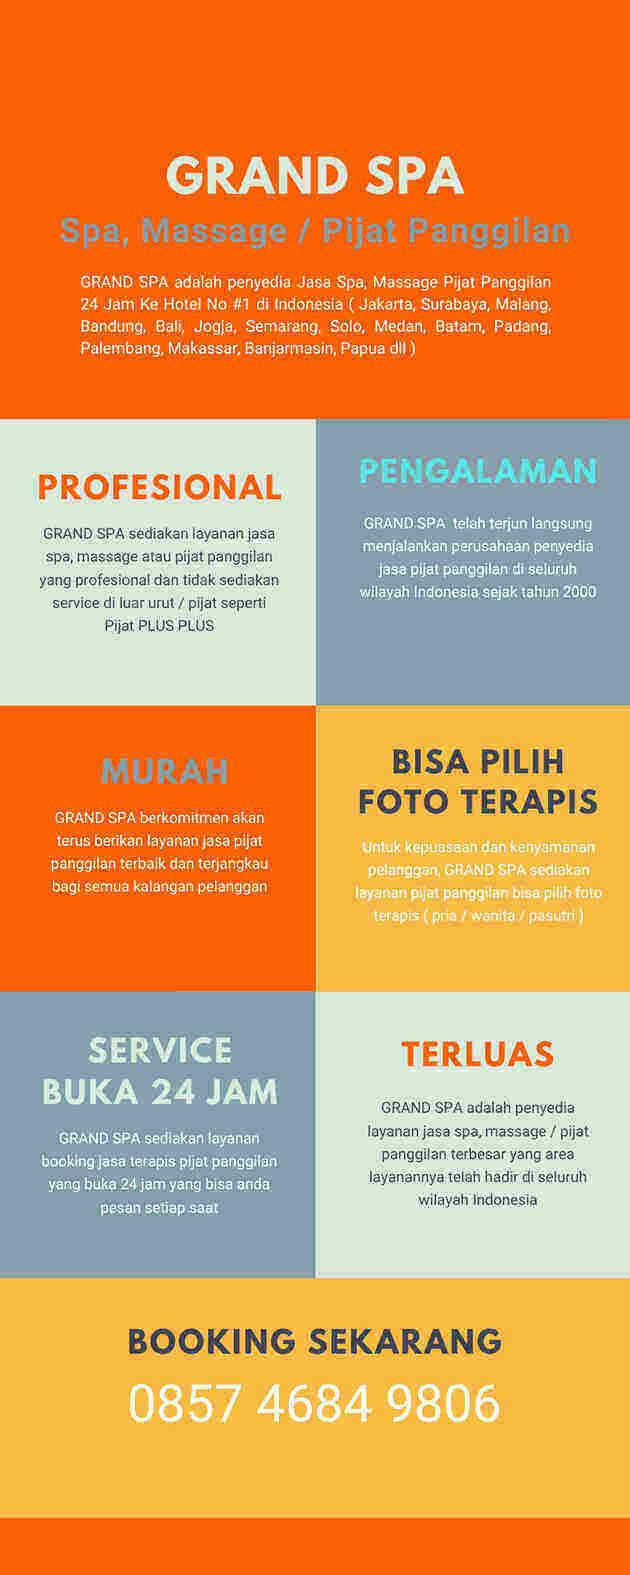 jasa_spa_massage_pijat_panggilan_24_jam_hotel_terapis_pria_wanita_pasutri_plus_harga_murah_grand_spainfographic